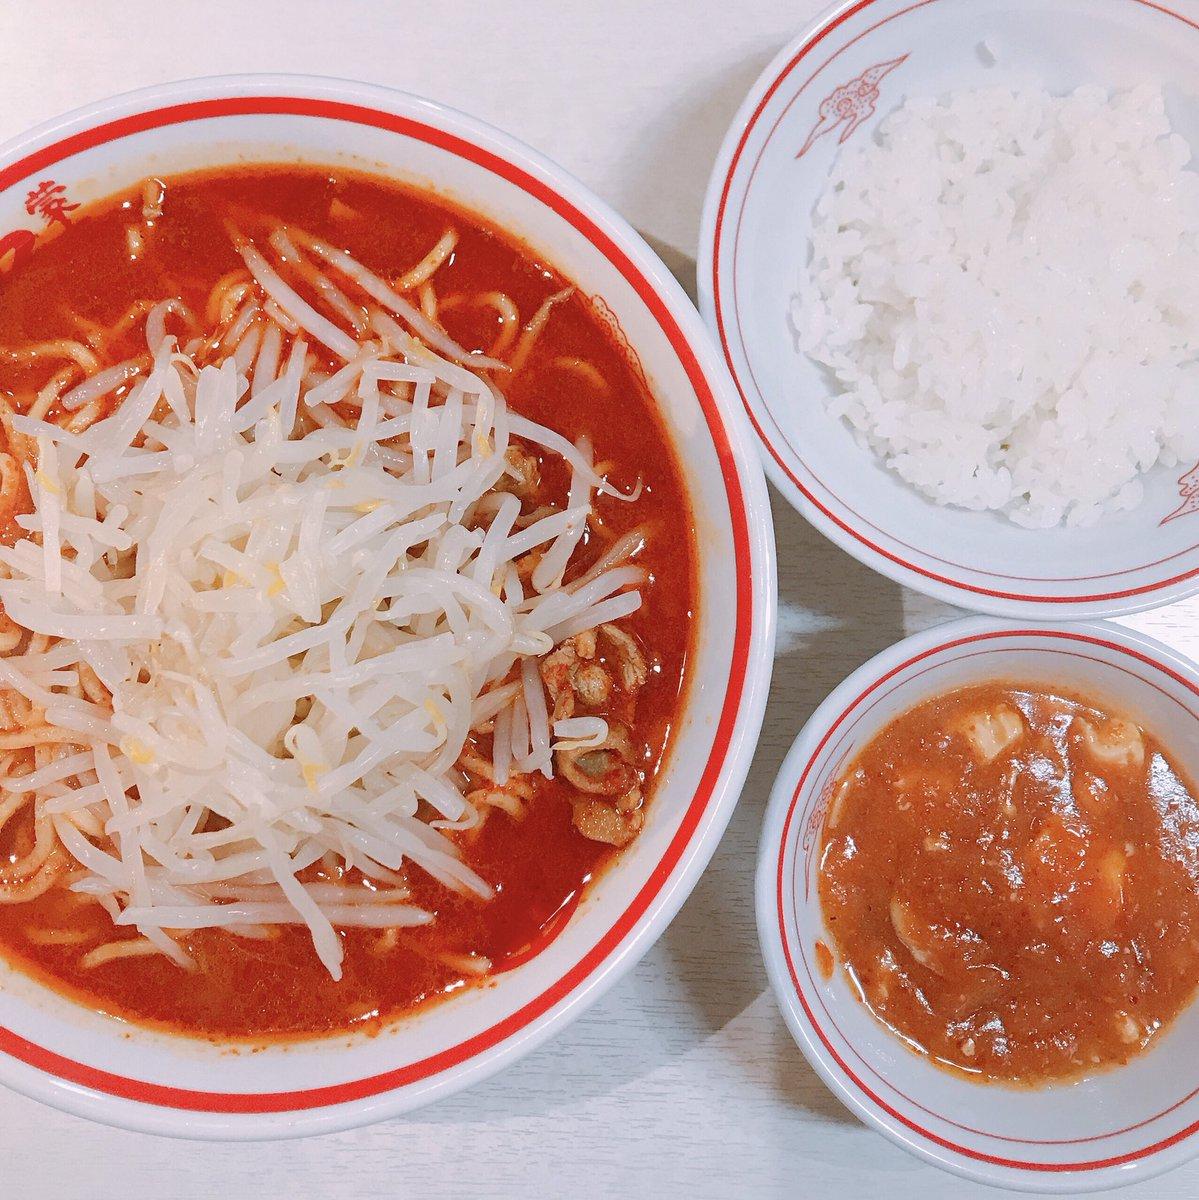 test ツイッターメディア - 蒙古タンメン中本で北極ラーメン食べてたら鼻血出てきた。鼻にティッシュ詰めながら汗だくで食べた。隣の人も店員さんも引いてた。でも俺は麺をすすり続けた。これが生きることなのだと。  テーブルに広がる、赤と白の世界。 https://t.co/izD7Ocv14c